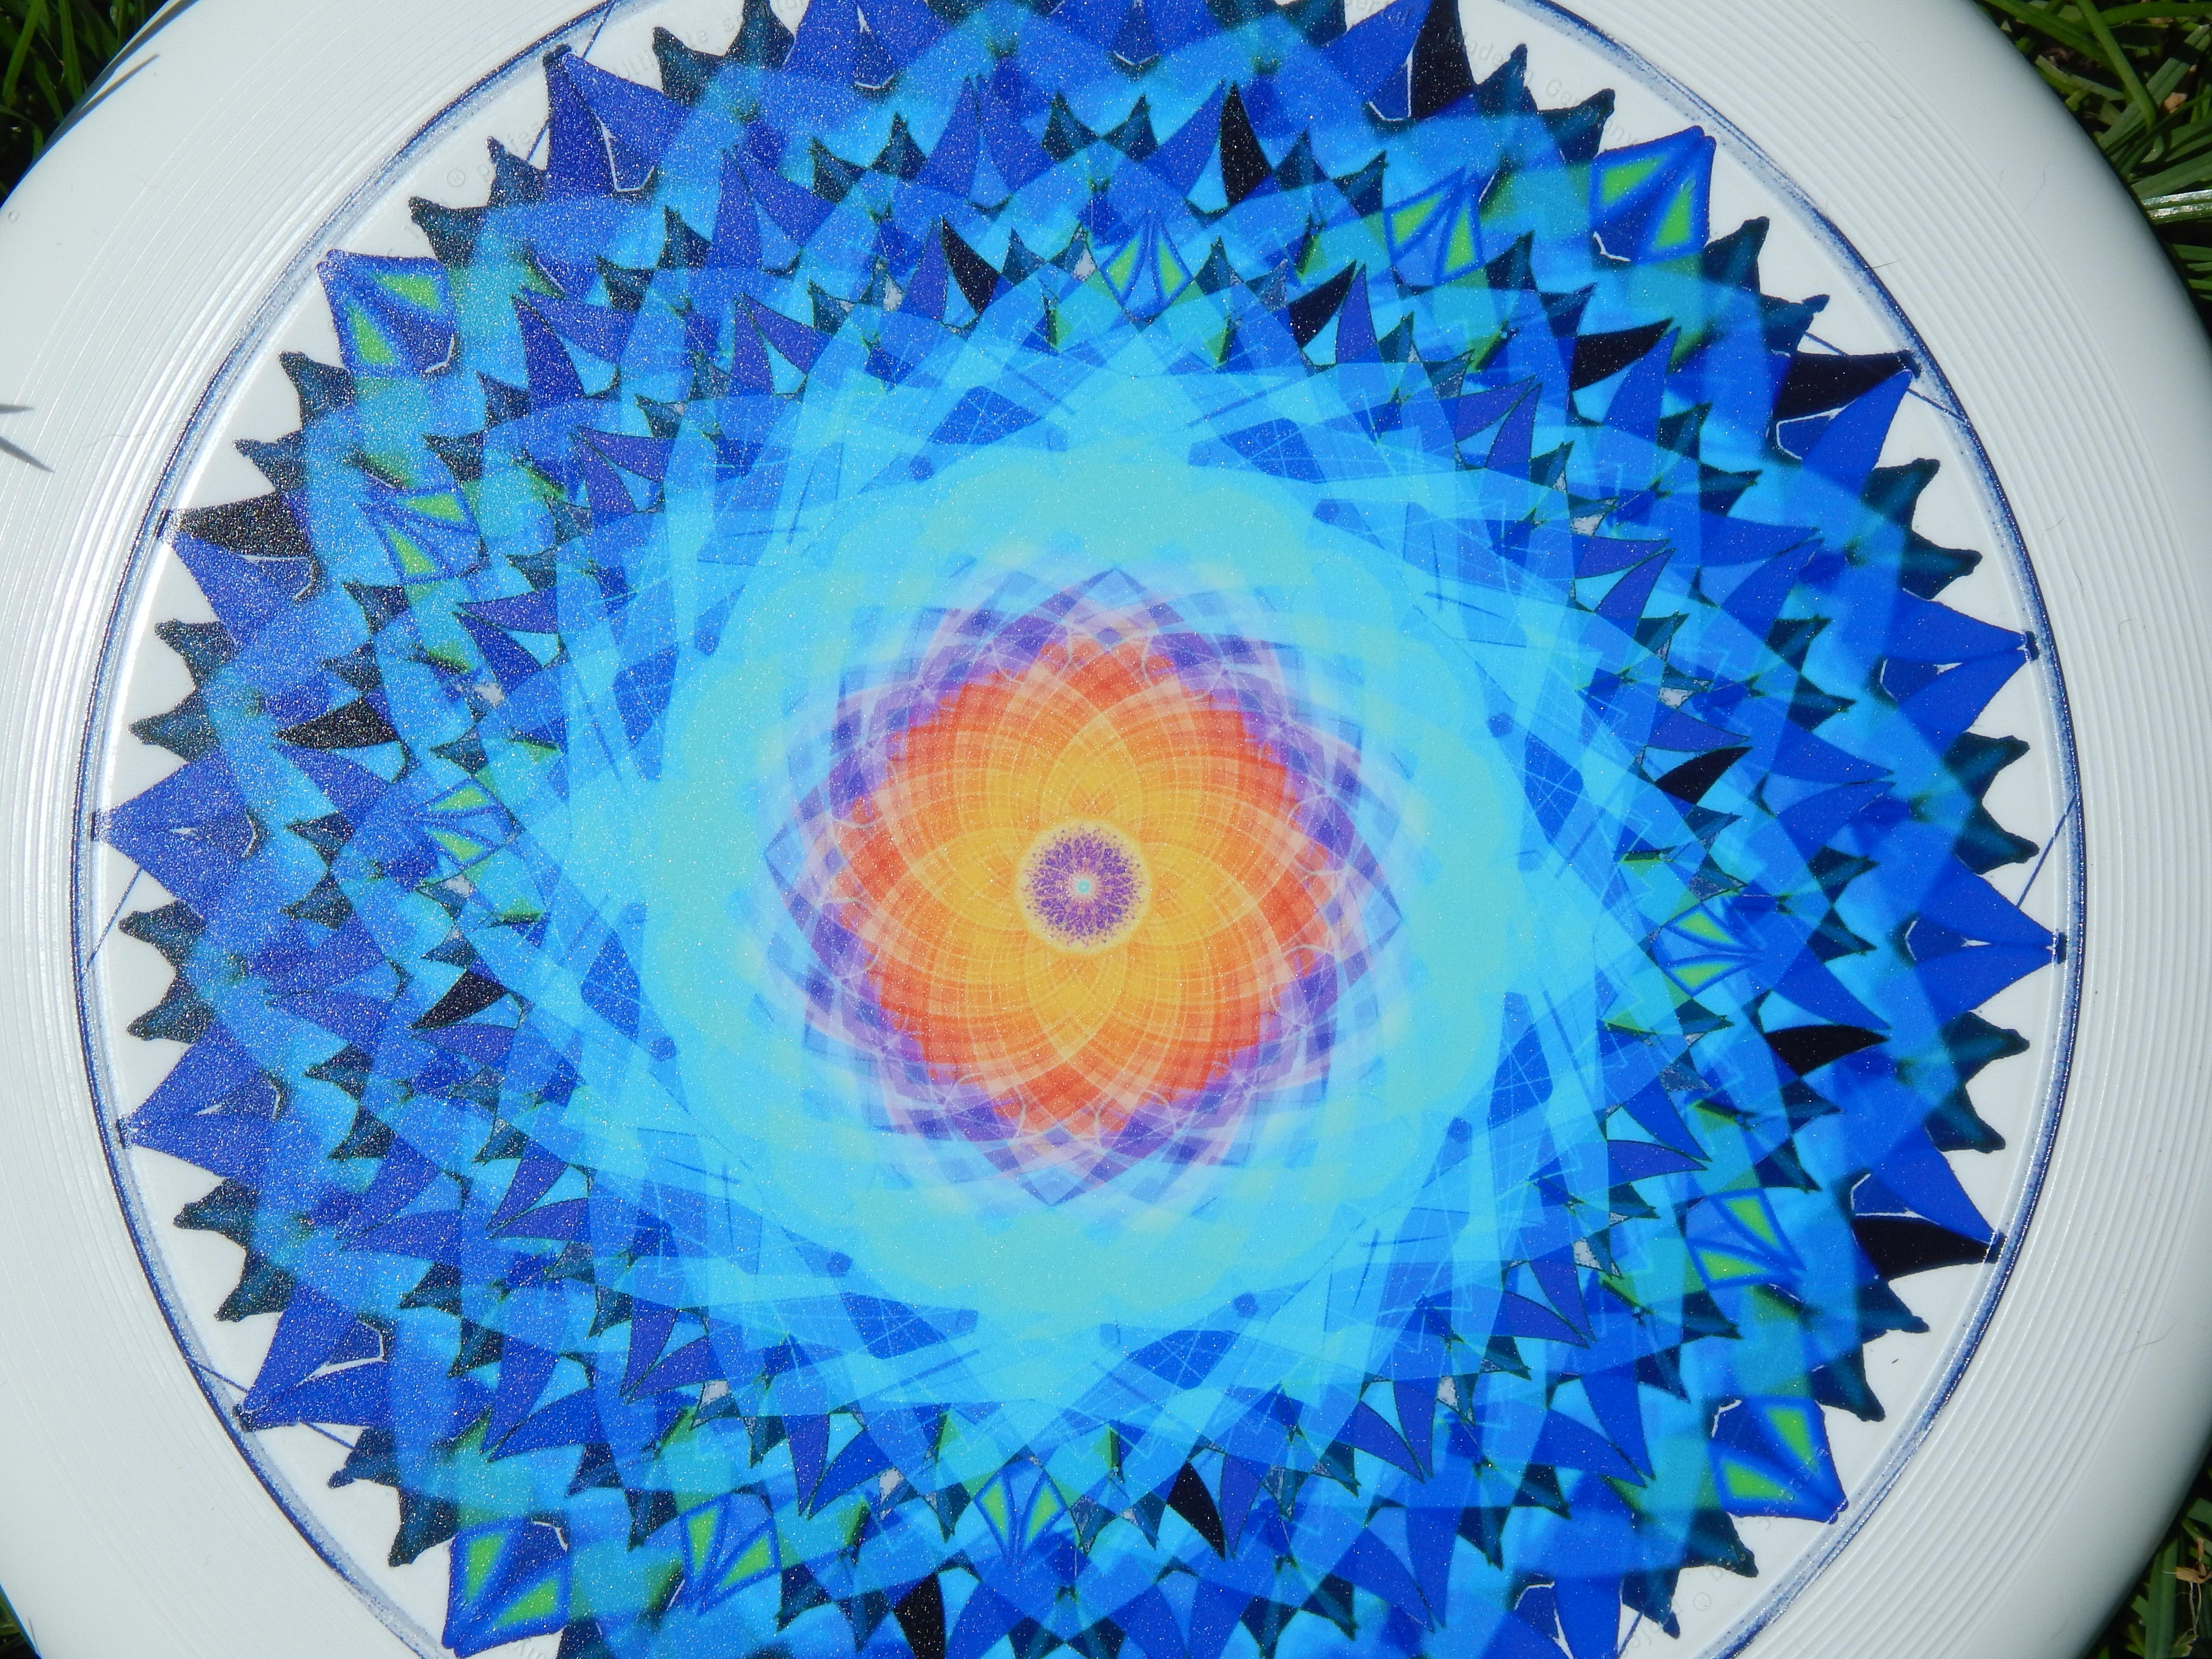 """Das Mandala """"die Schoepfung"""" auf einer Frisbee abgebildet"""